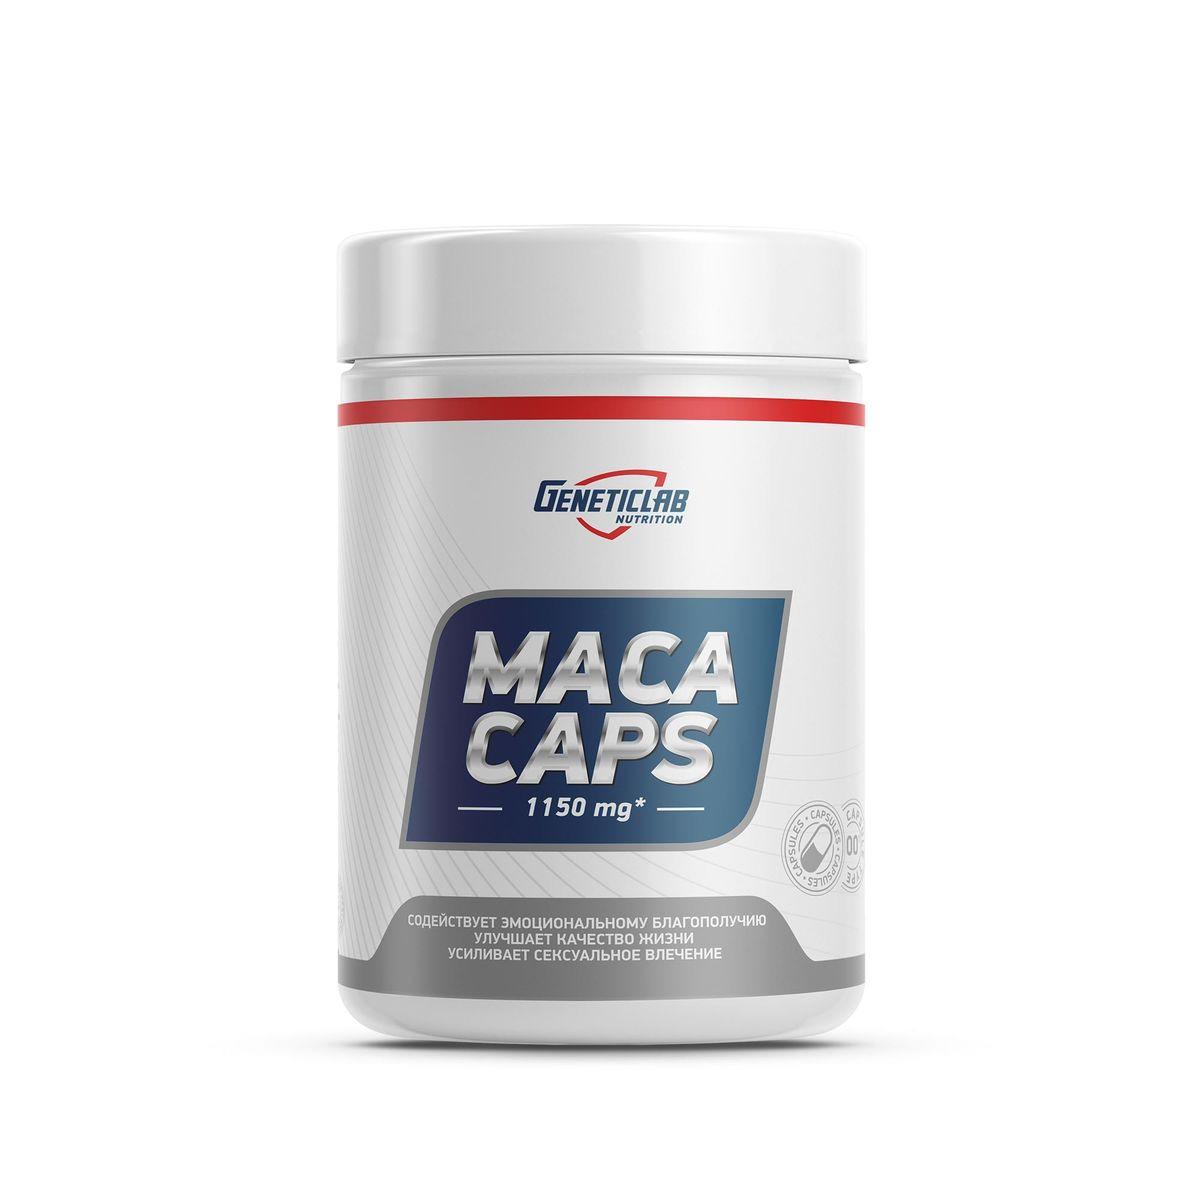 Средство для повышения тестостерона Geneticlab Nutrition Экстракт Maca Caps, 60 капсул